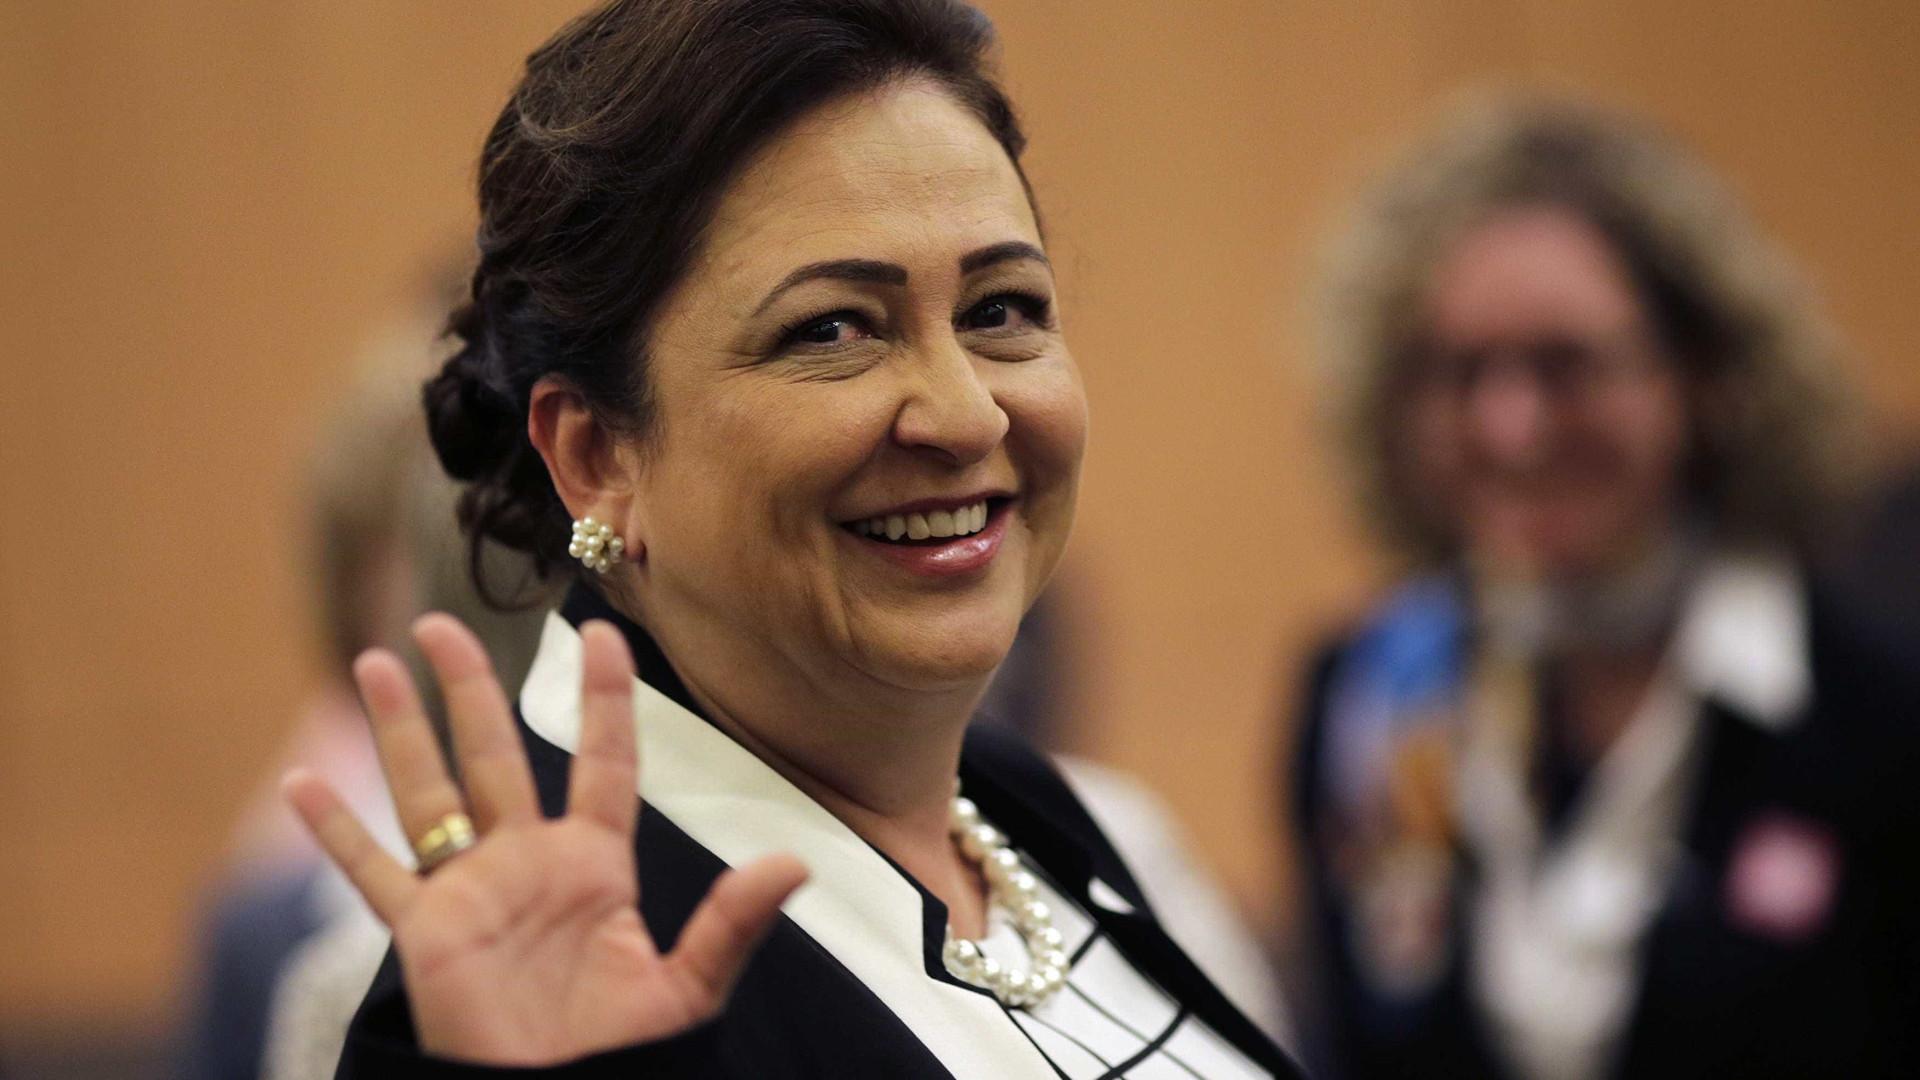 Senadora Kátia Abreu faz compras  enquanto Senado discute PEC 55